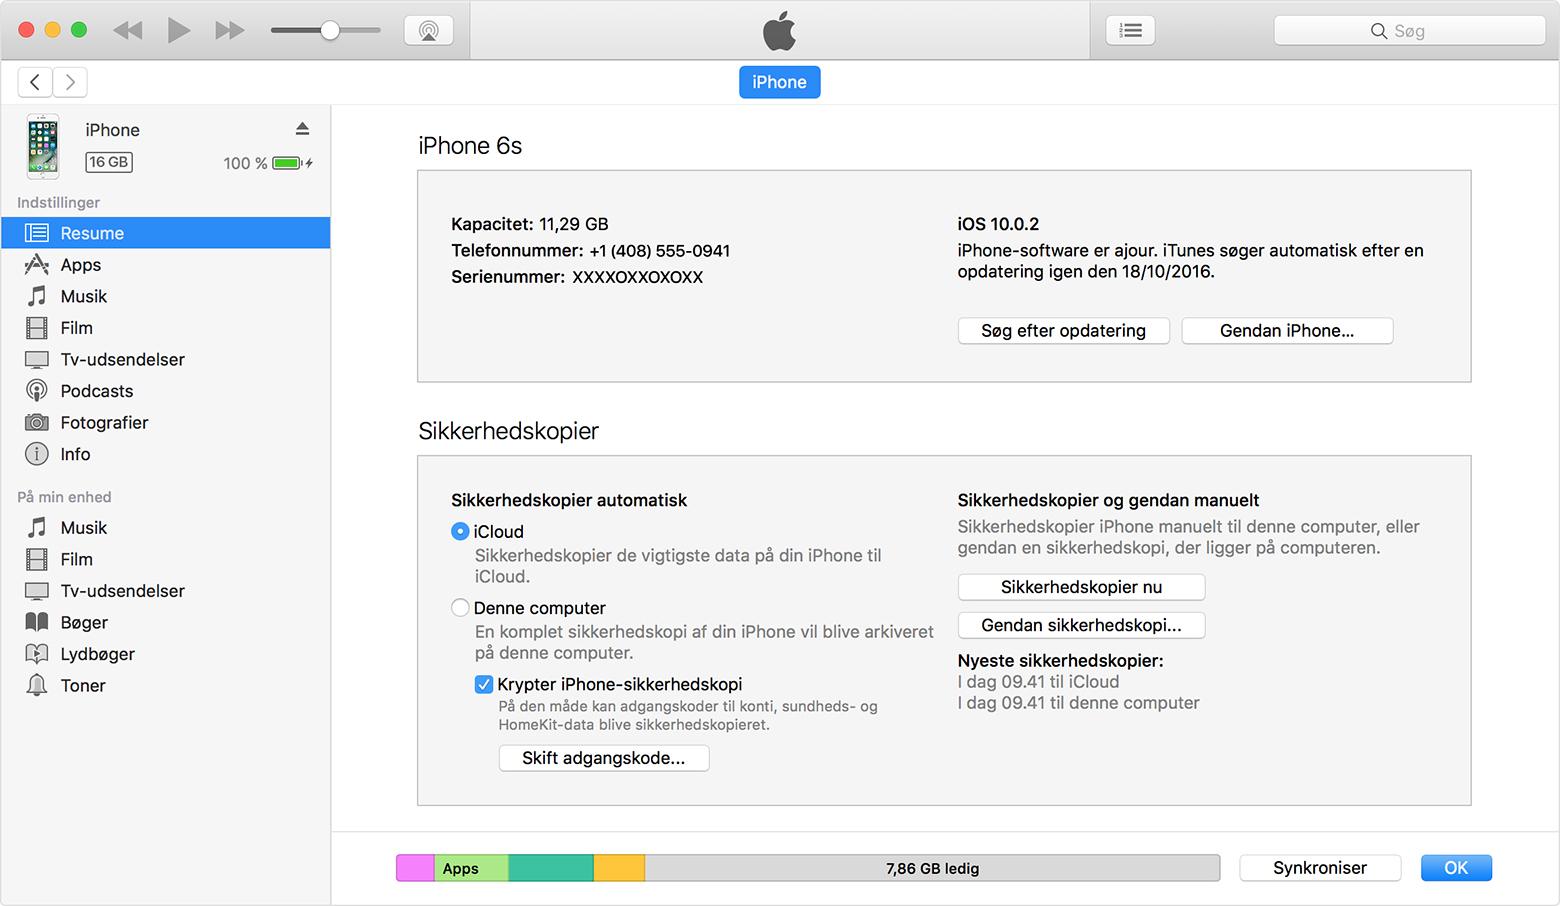 Sikkerhedskopiering af iPhone, iPad eller iPod touch ...